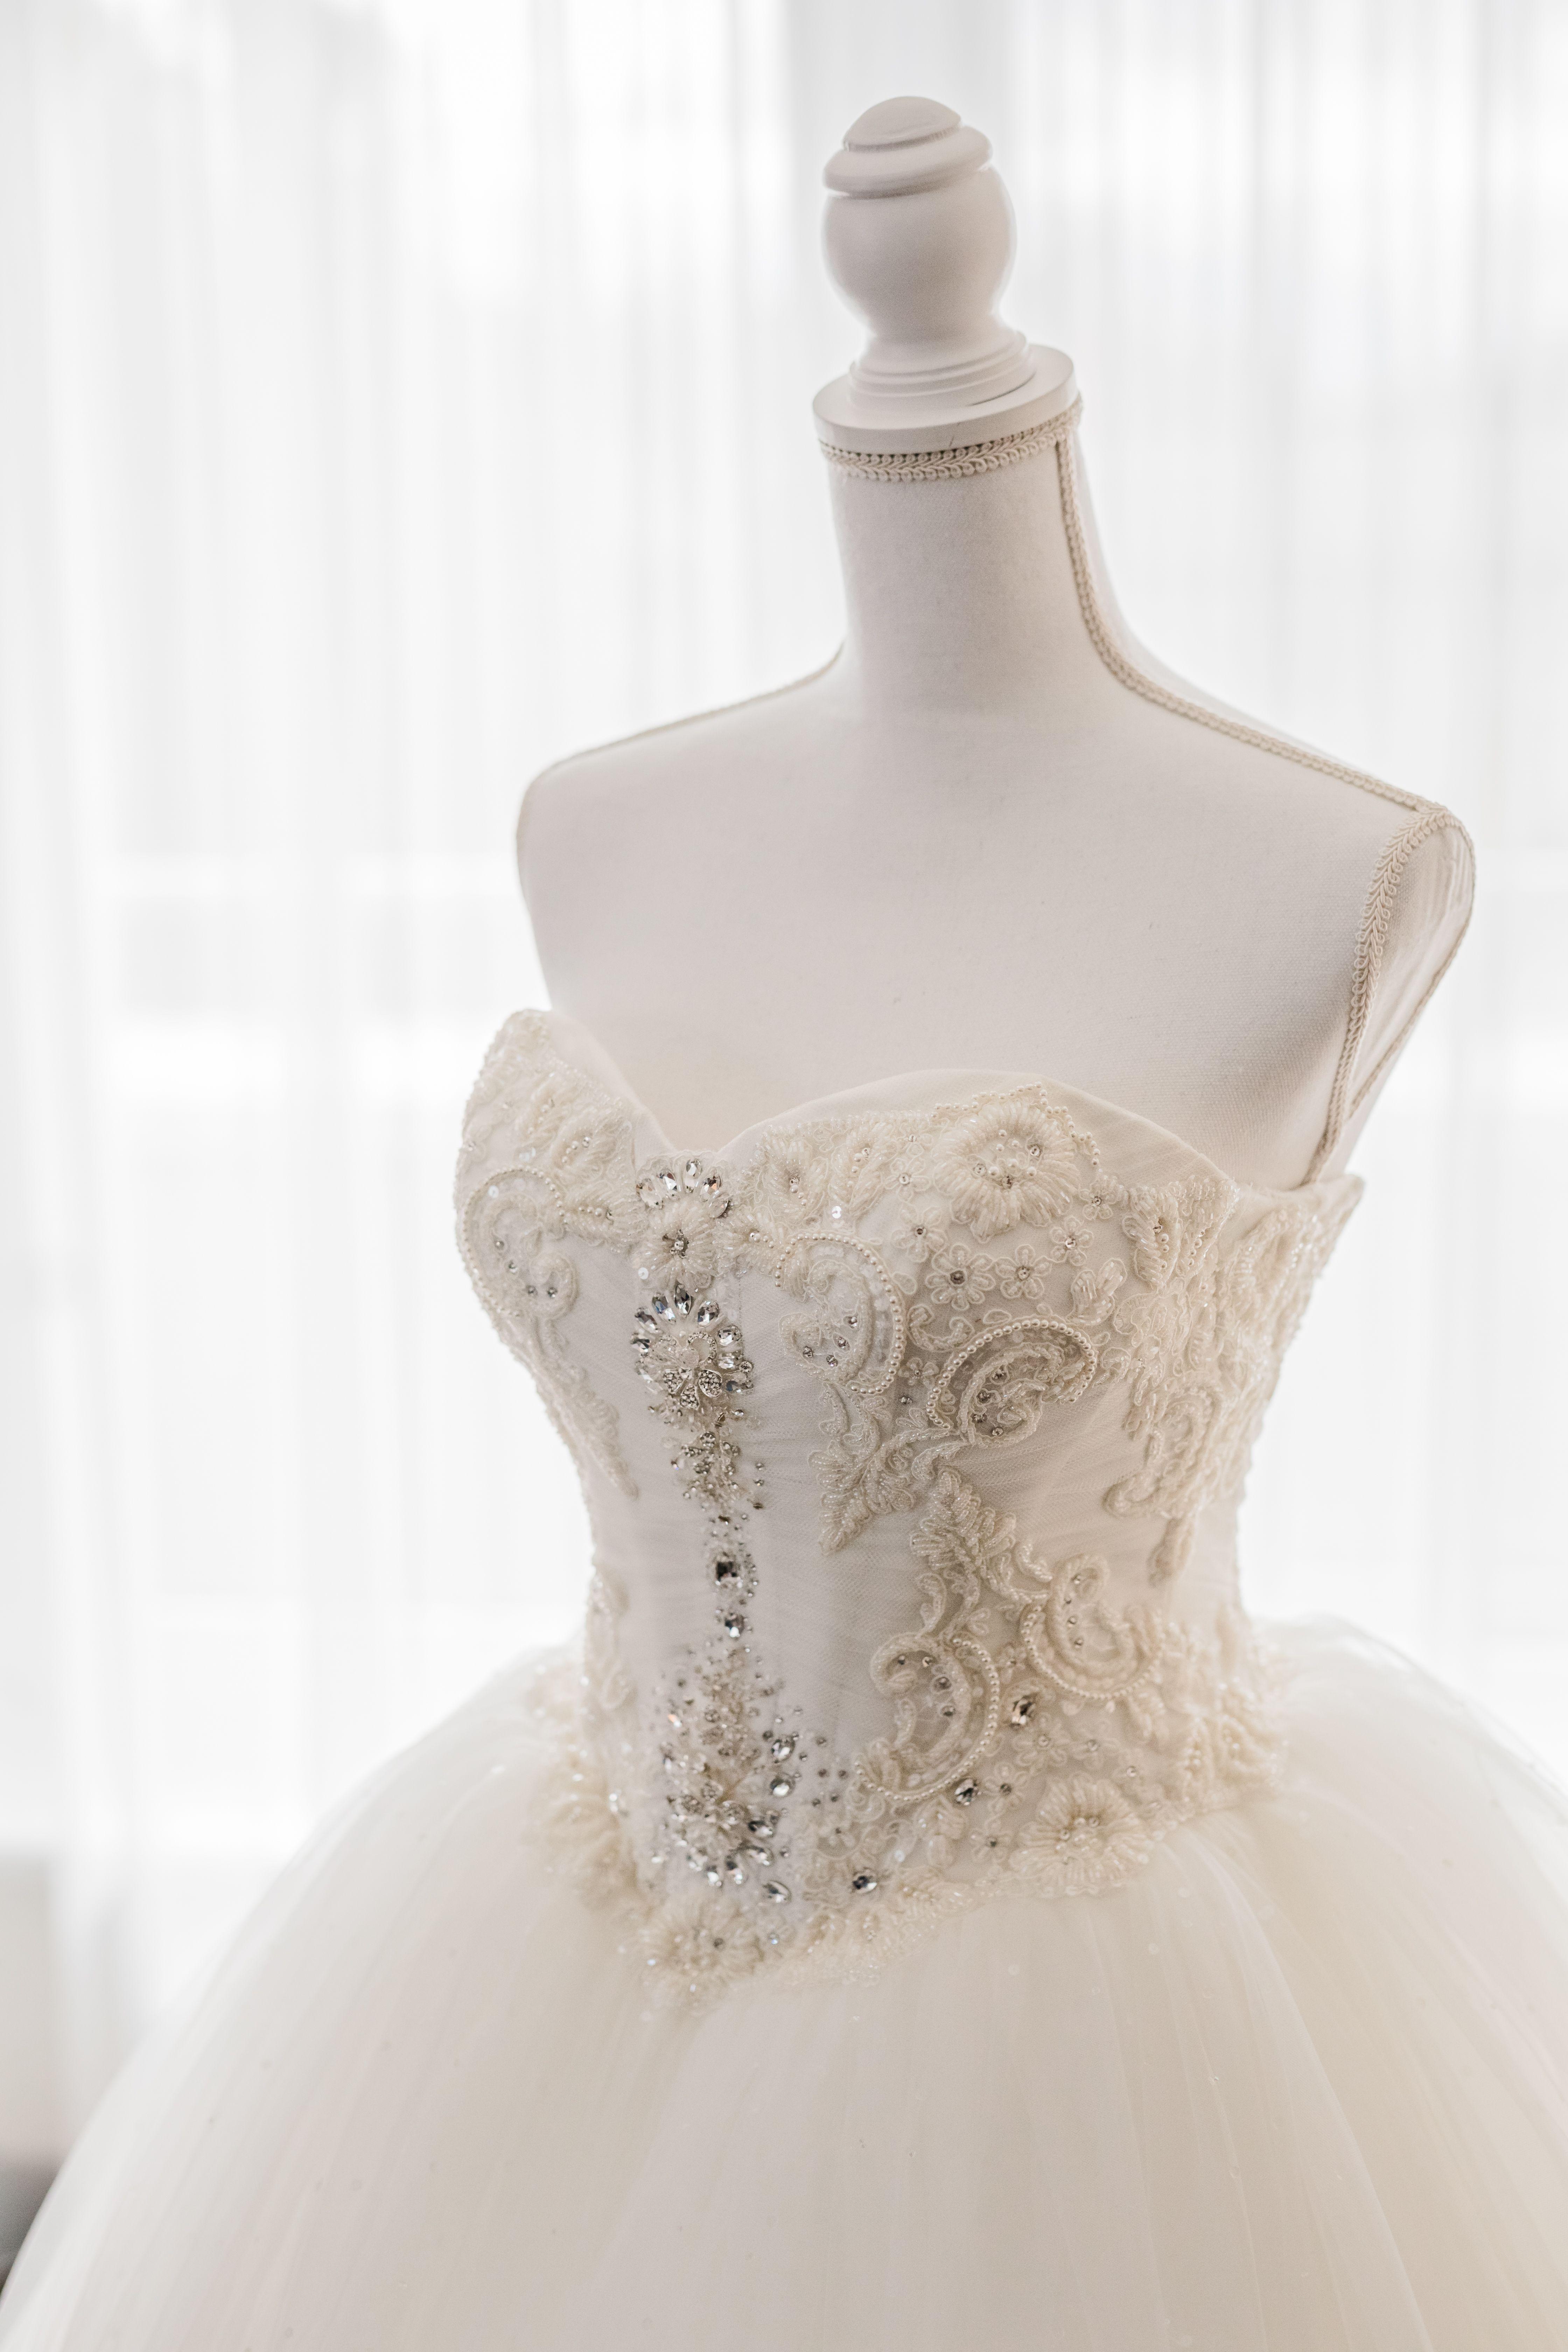 Edles Prinzessinnen-Hochzeit Brautkleid in 10  Kleid hochzeit